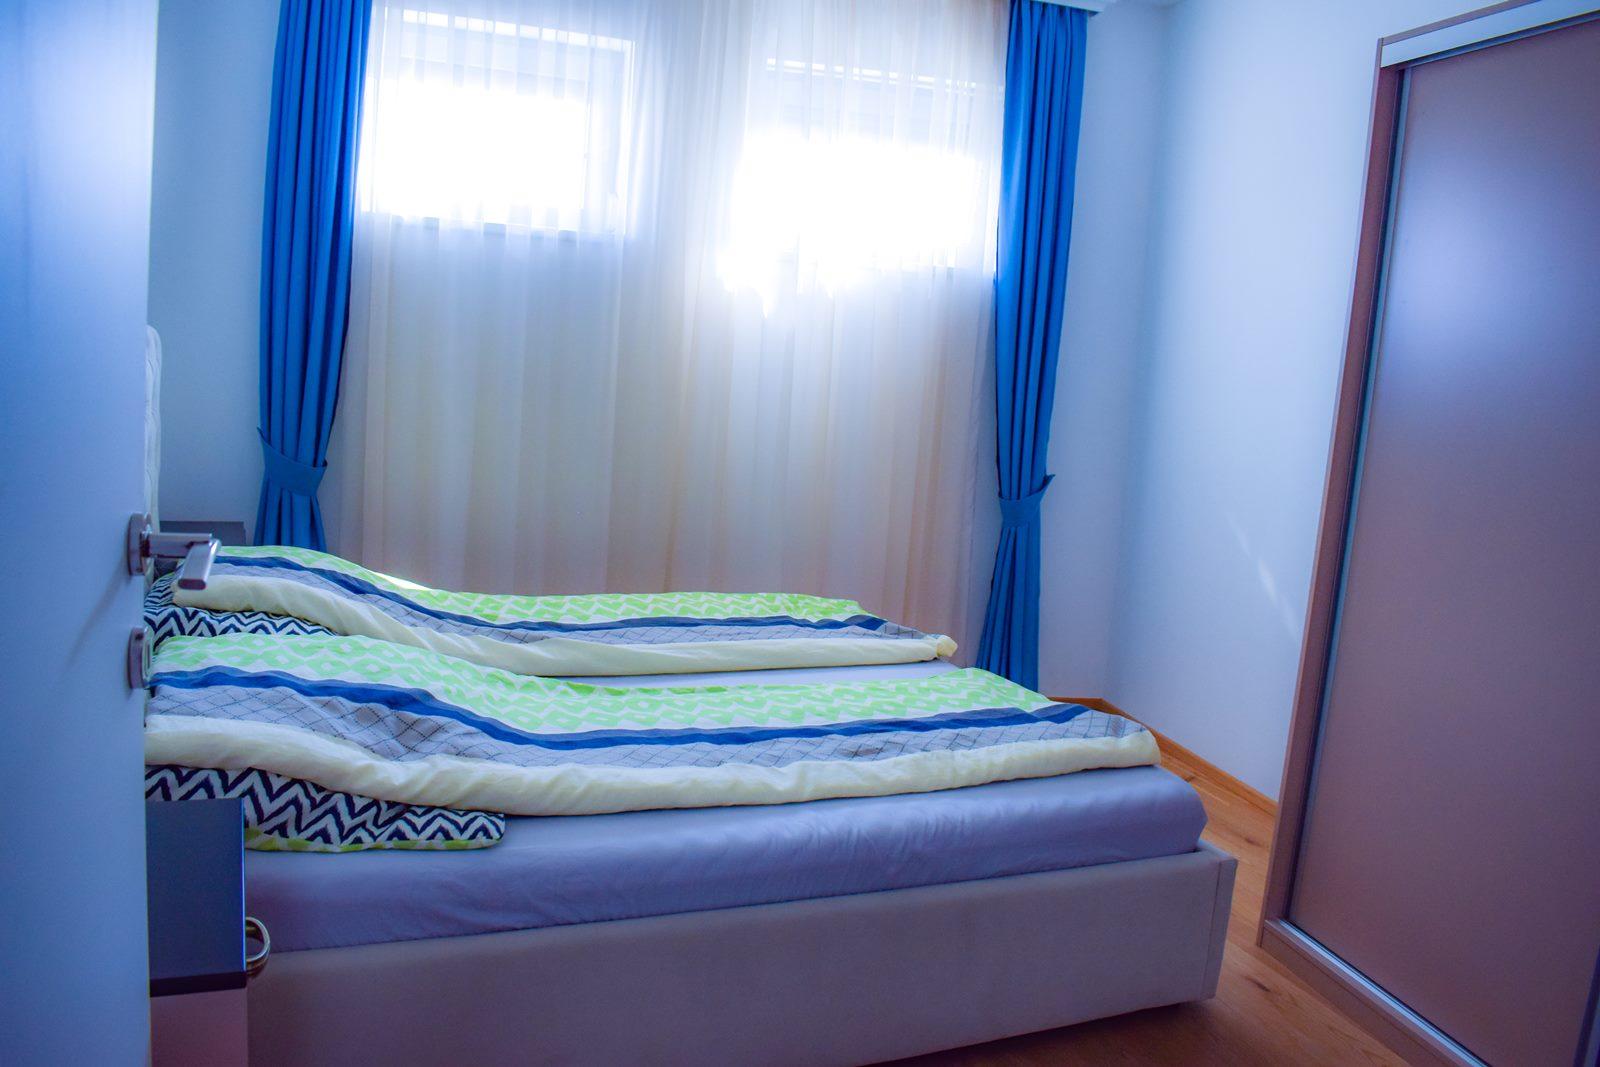 Appartement vienne autriche pas cher voyage trip grand 9blog